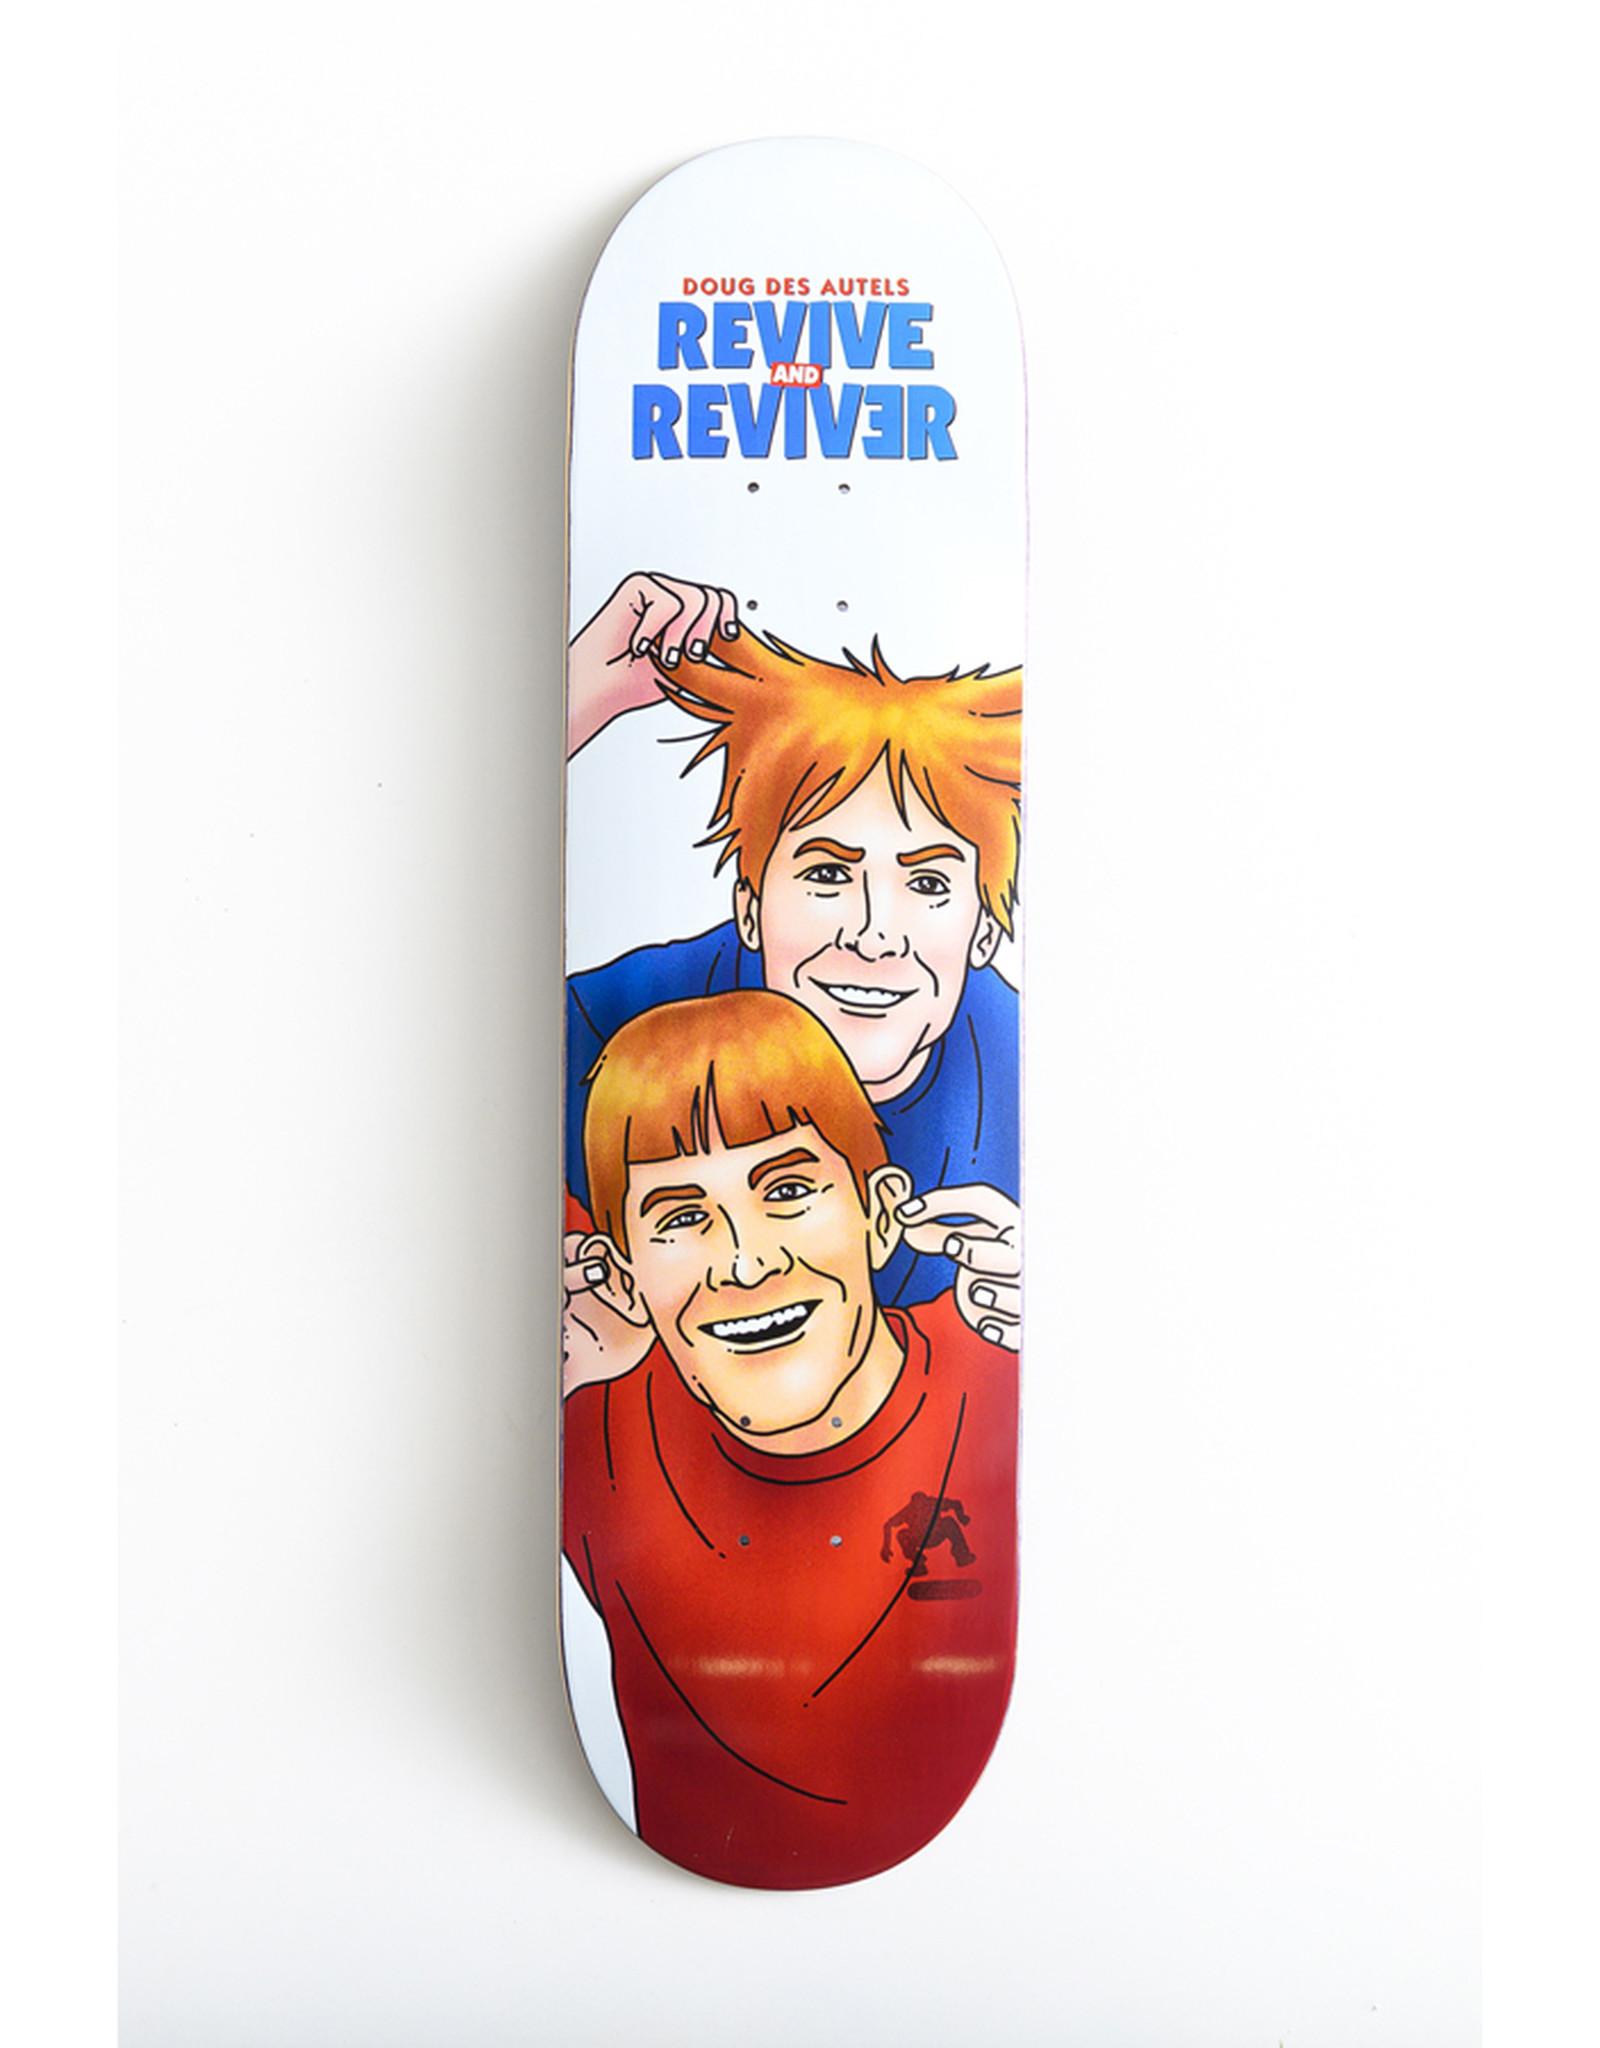 REVIVE Revive Doug Des Autels - Doug & Douger Deck